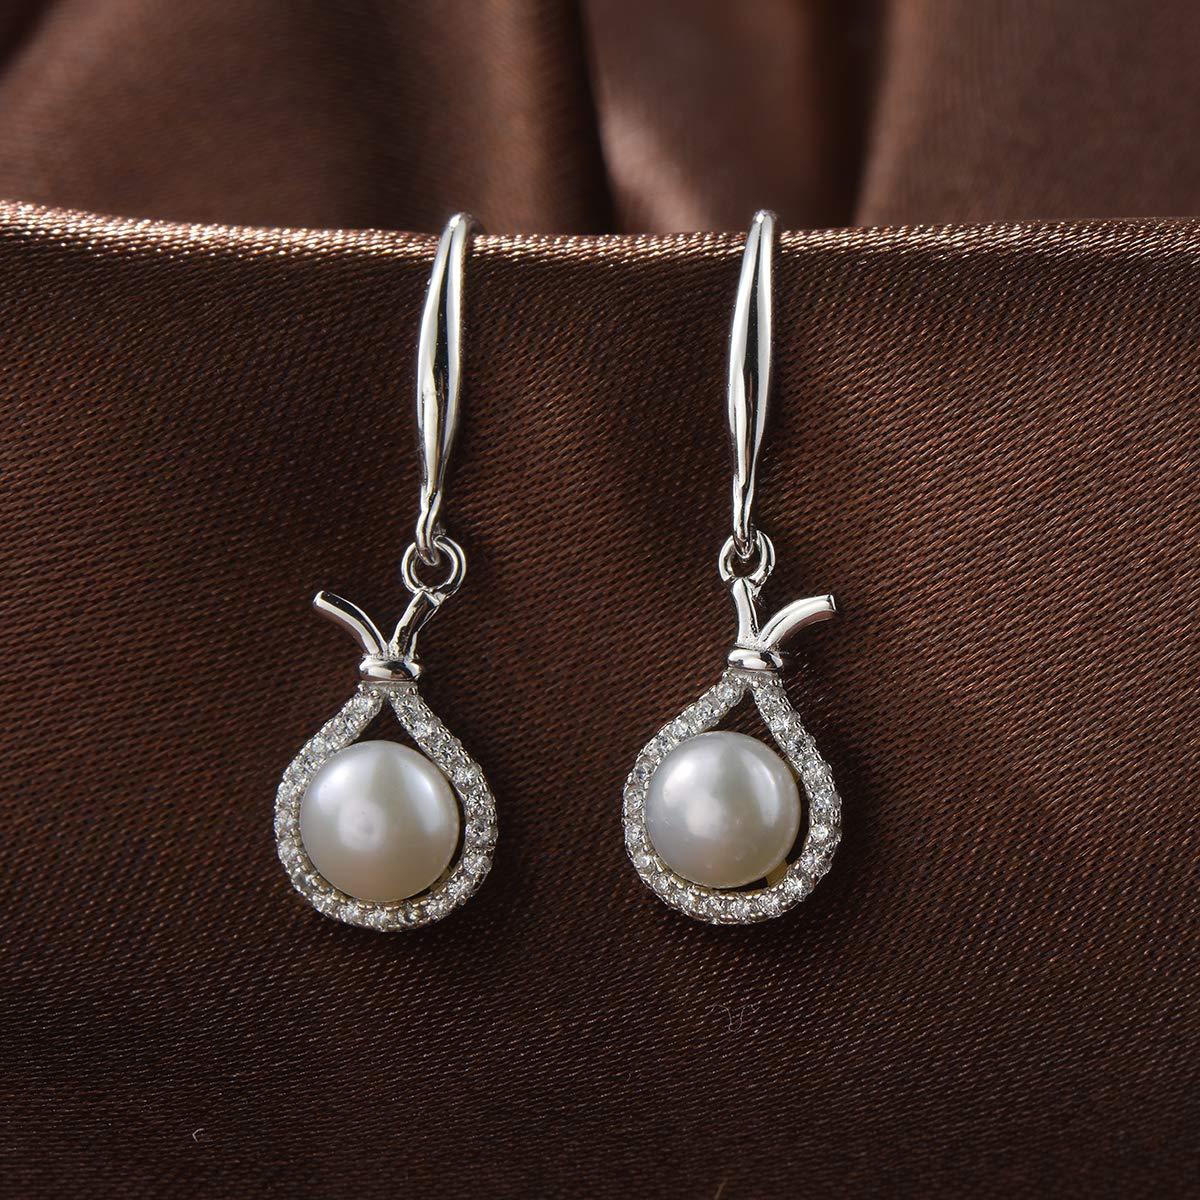 Sterling Silver Freshwater Cultured Pearl Dangle Drop Earrings Chic4K CZ Drop Earrings